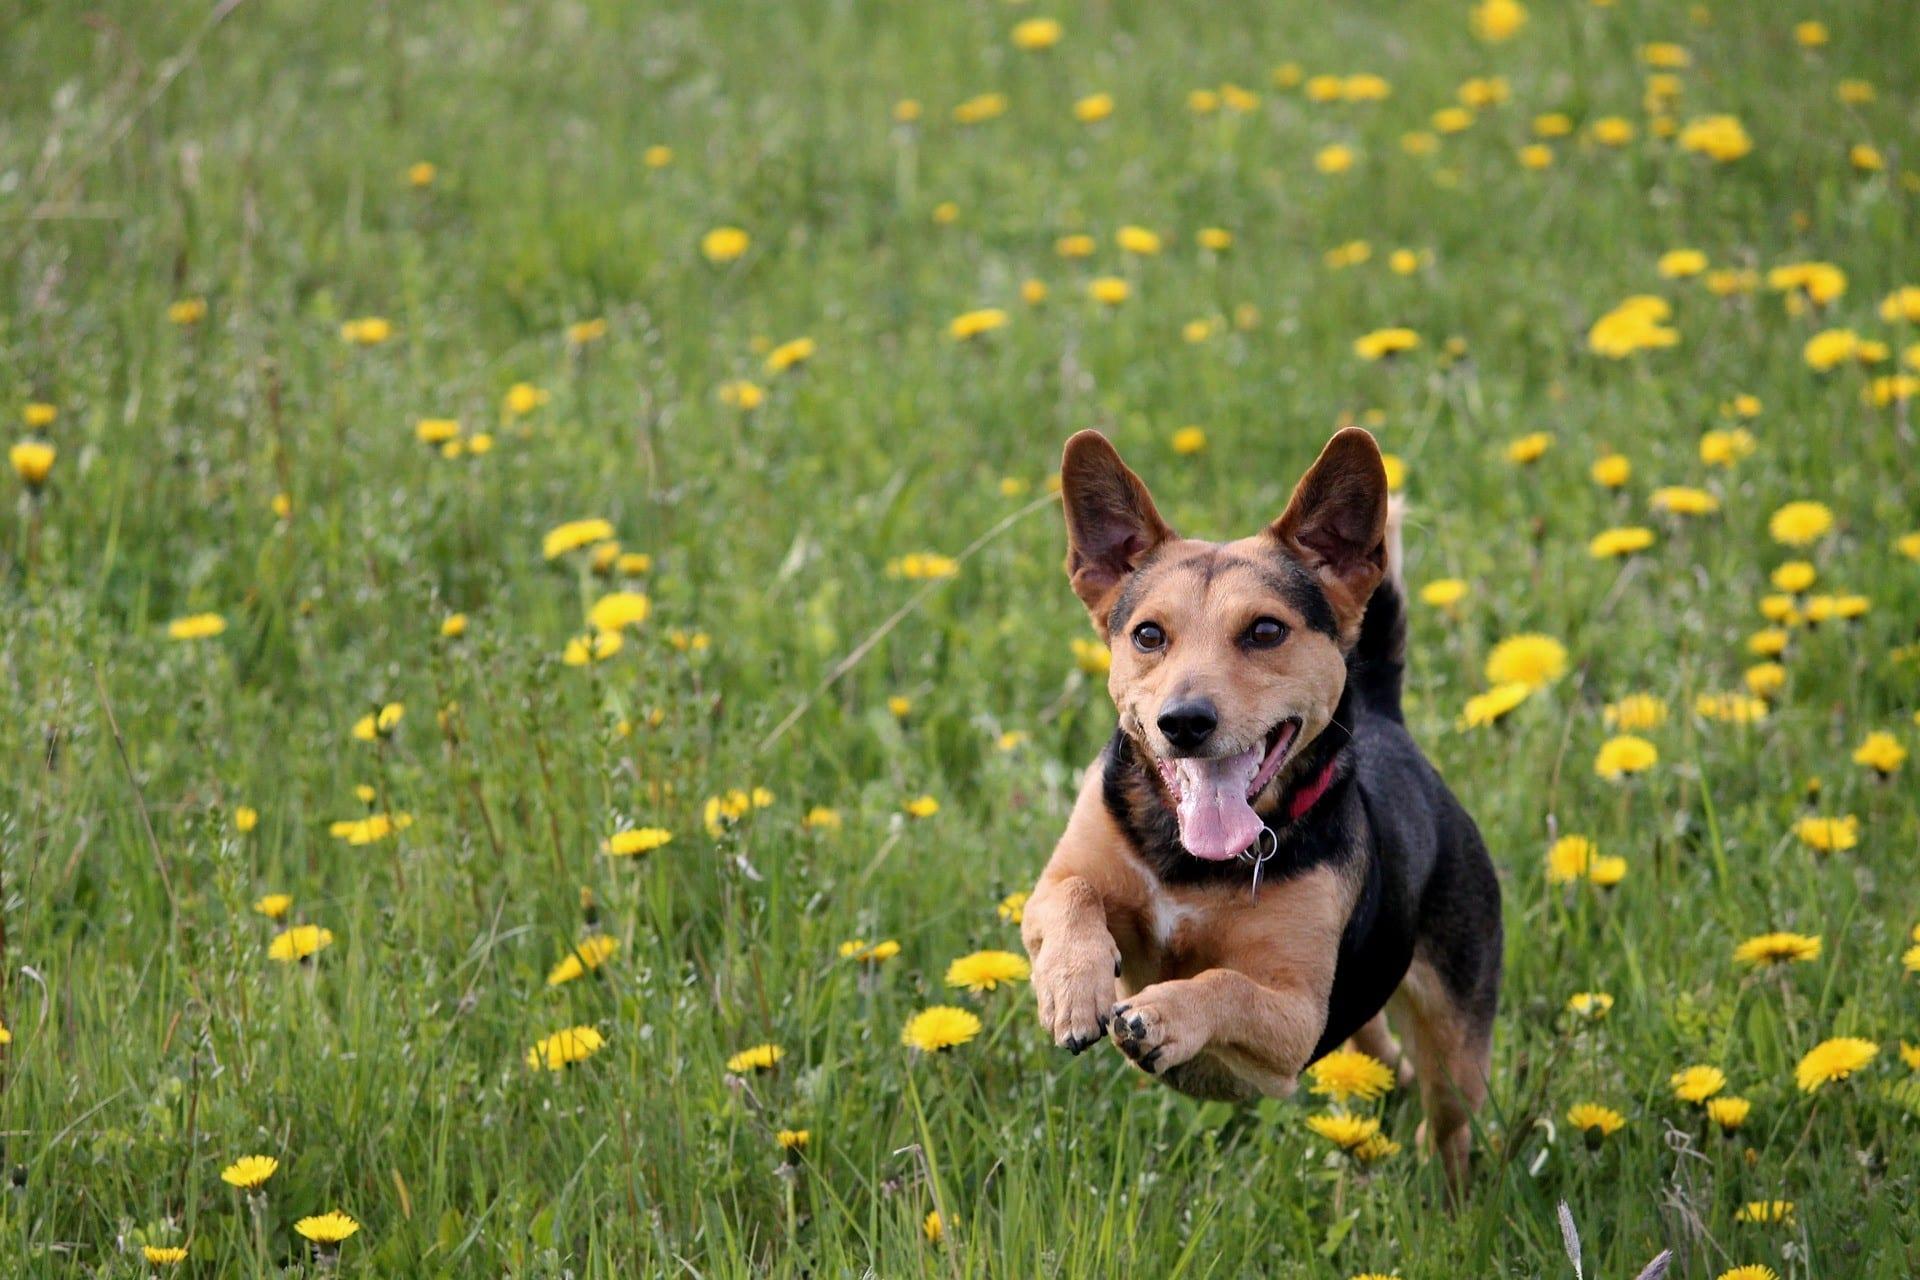 Ferne's Sponsored Dog Walk